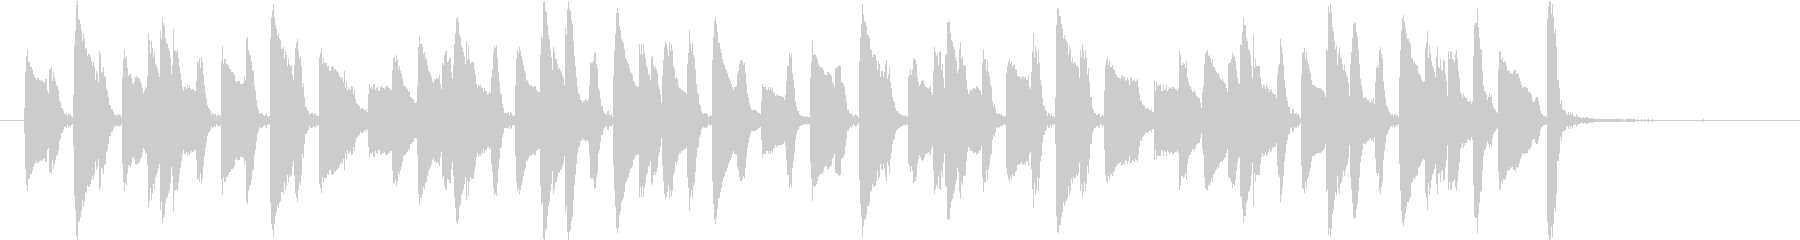 ピアノによる軽快なジングルの未再生の波形